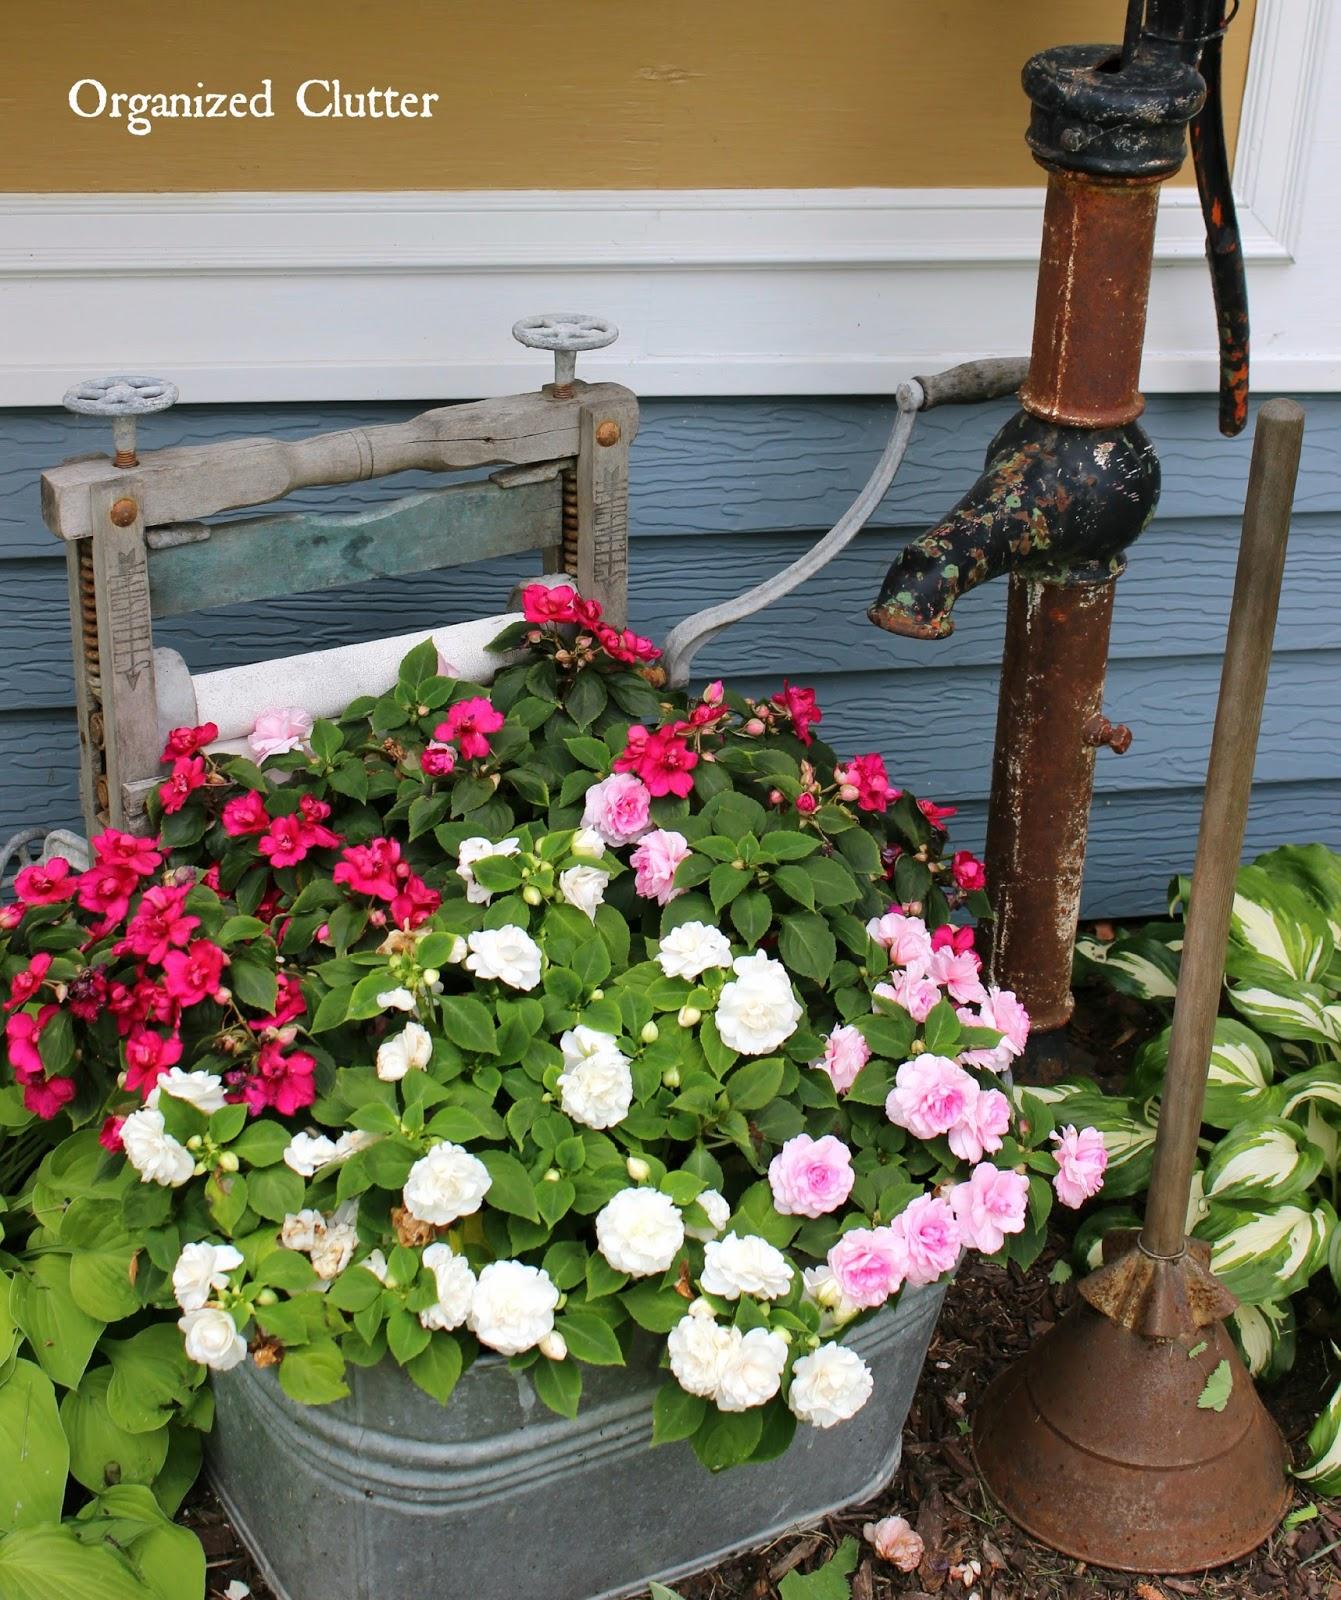 Beautiful flowers in junky containers organized clutter - Zinkwanne dekorieren ...